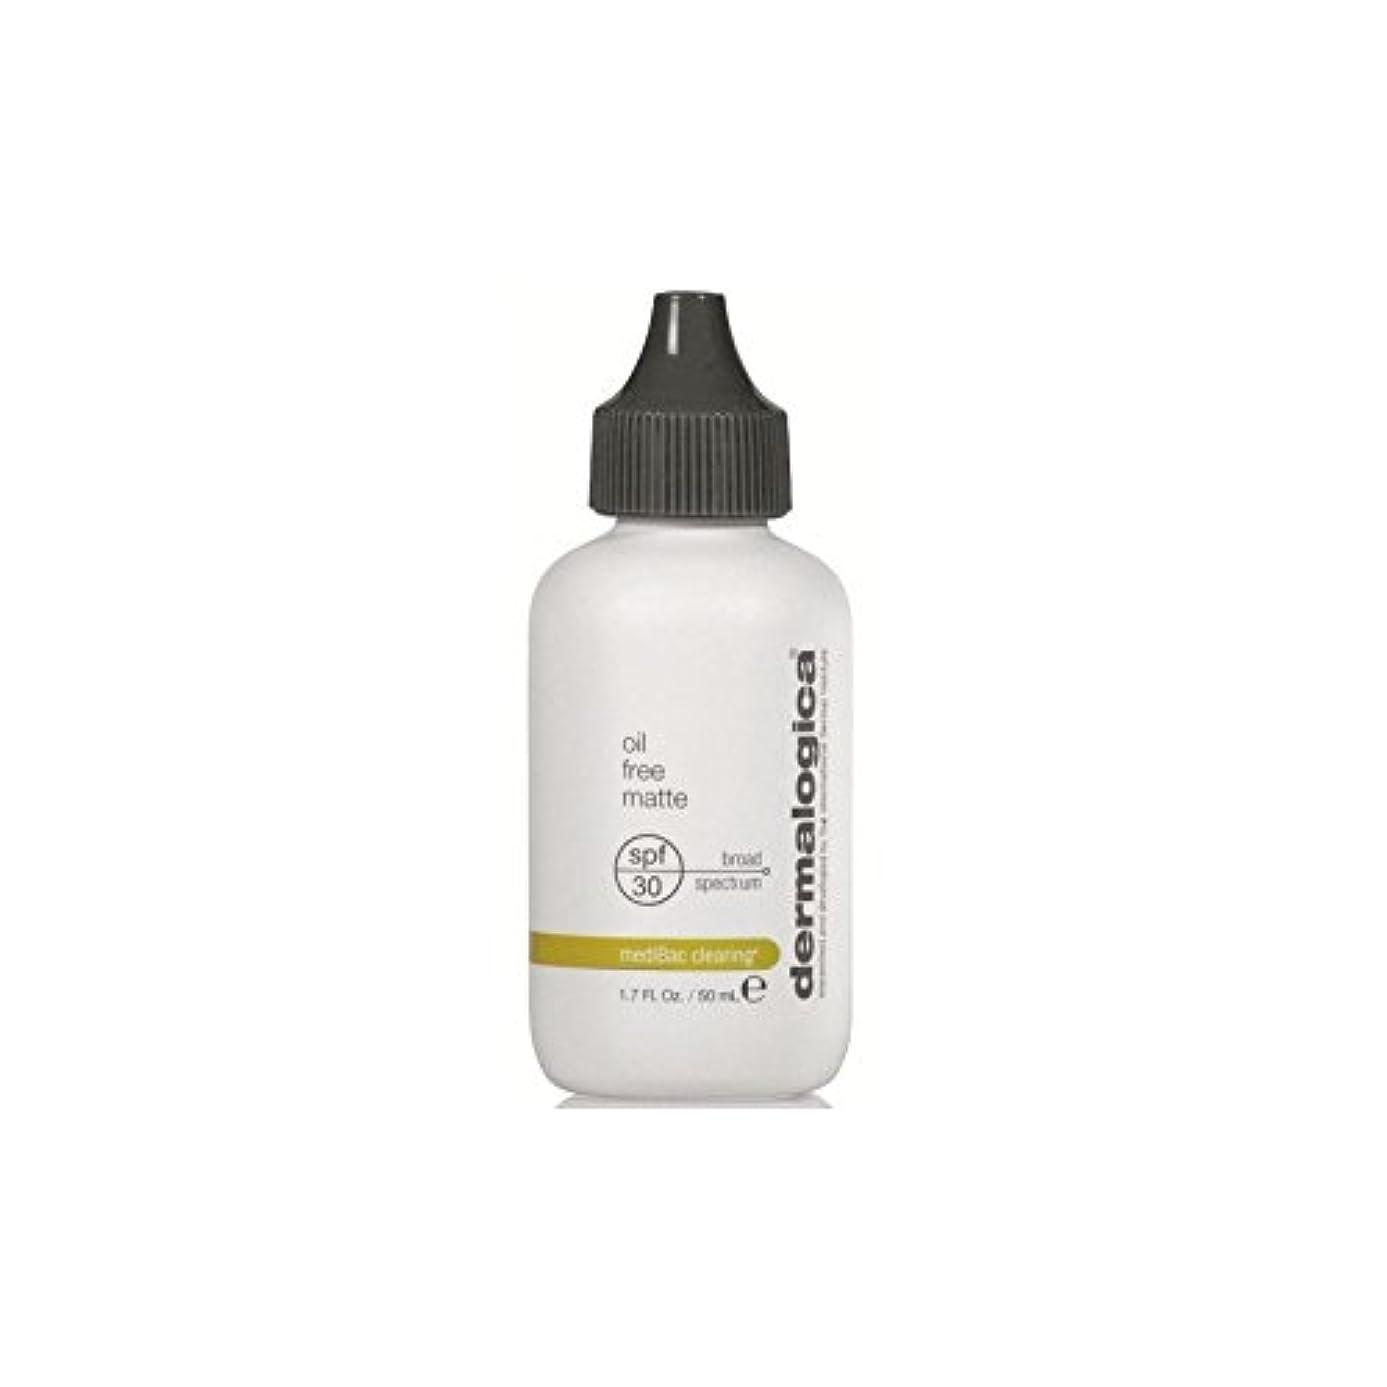 放棄する誓う動詞ダーマロジカオイルフリーマット 30 x4 - Dermalogica Oil-Free Matte Spf 30 (Pack of 4) [並行輸入品]